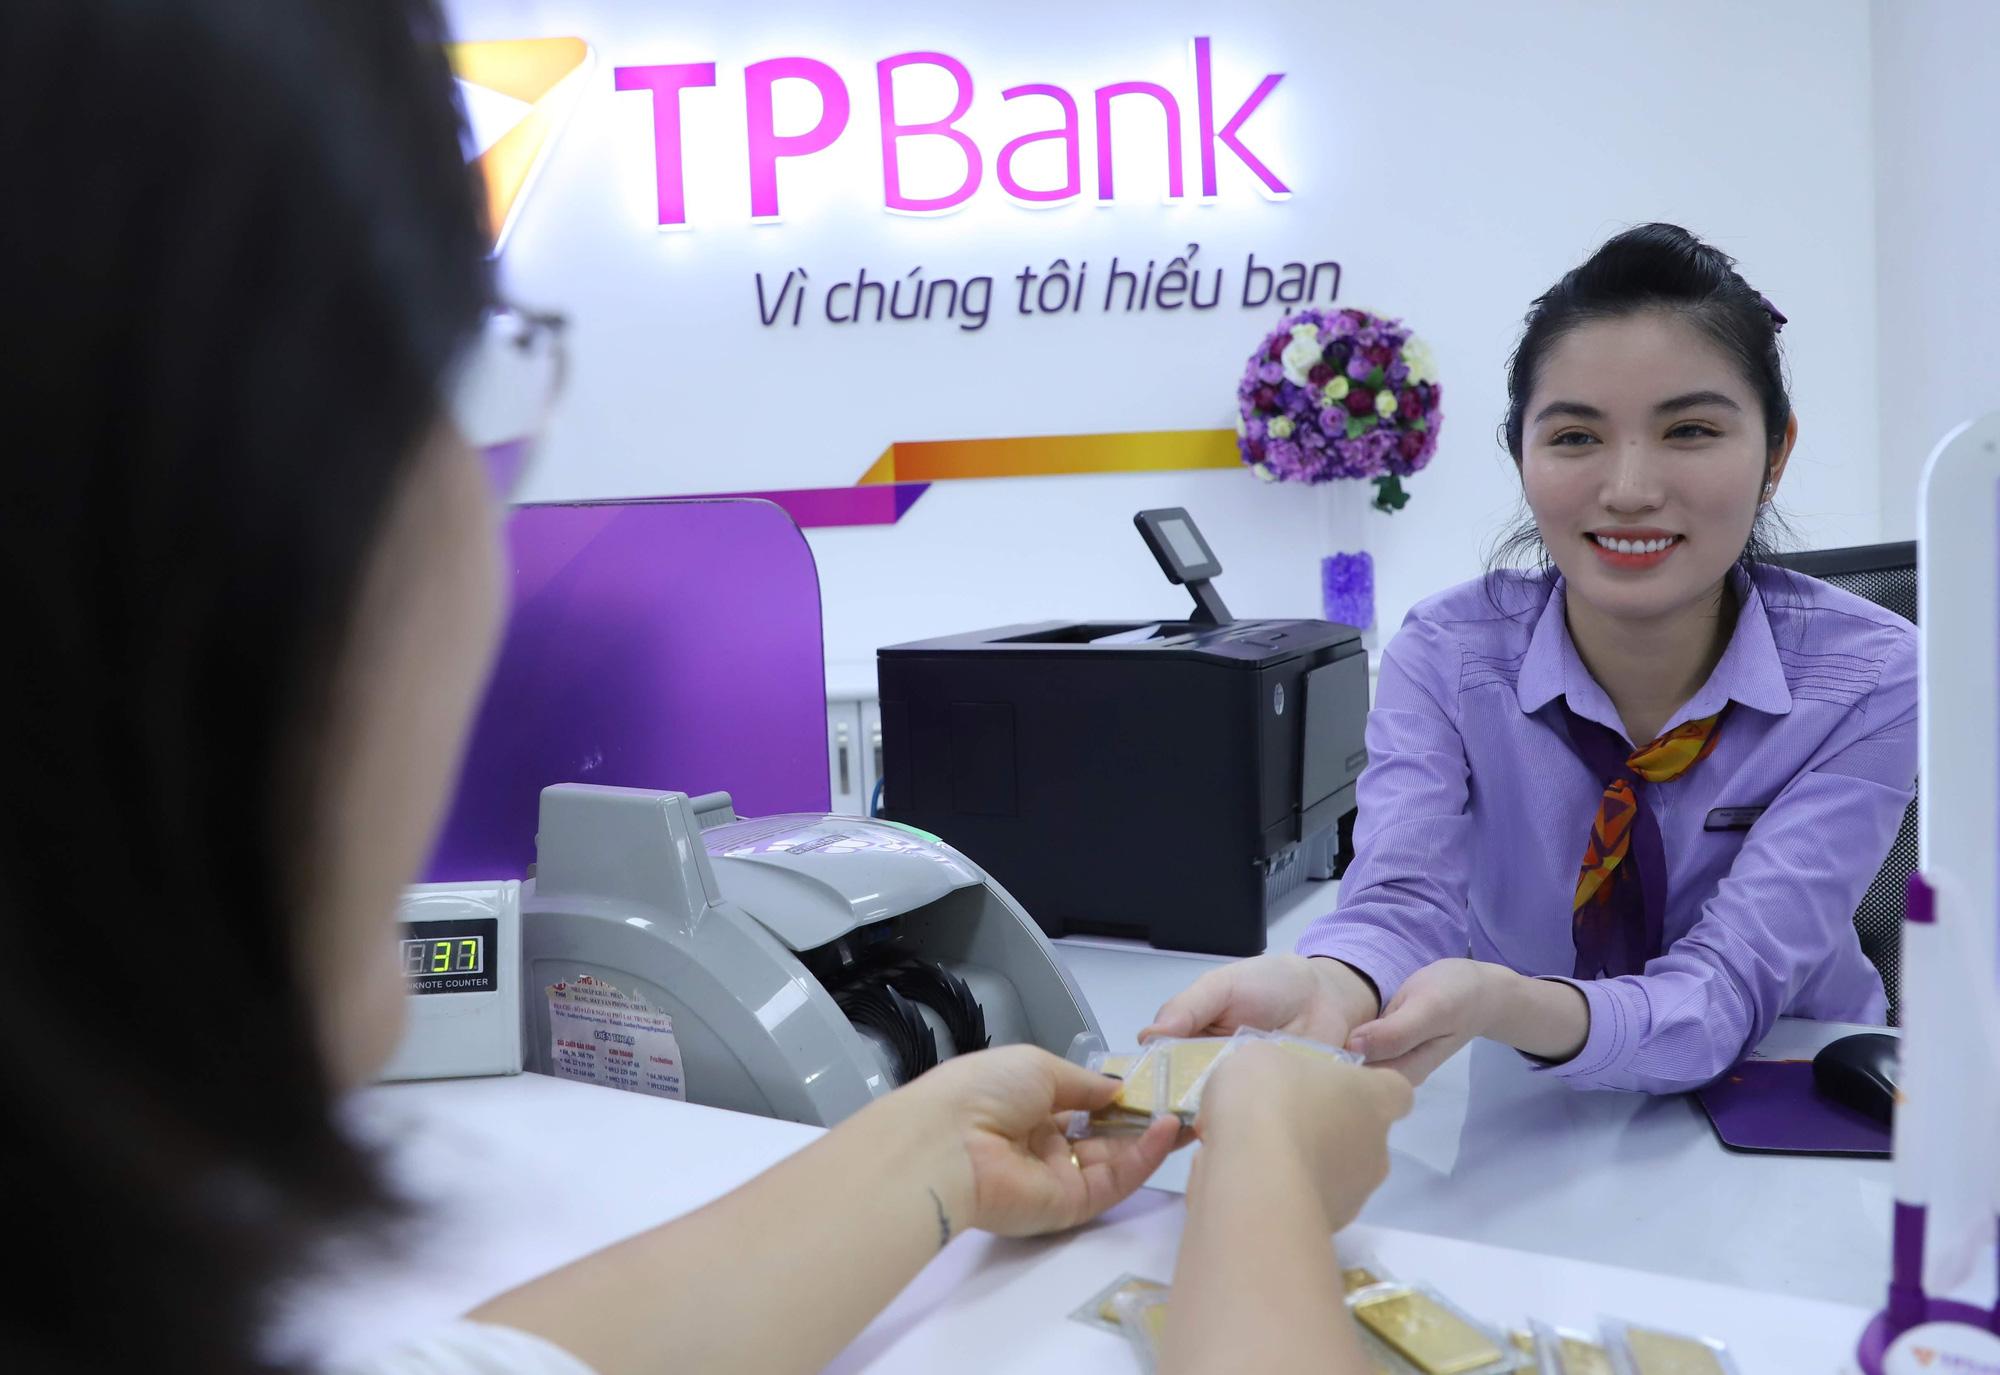 Các ngân hàng tung ra các sản phẩm đặc biệt gì cho ngày vía Thần Tài? - Ảnh 1.